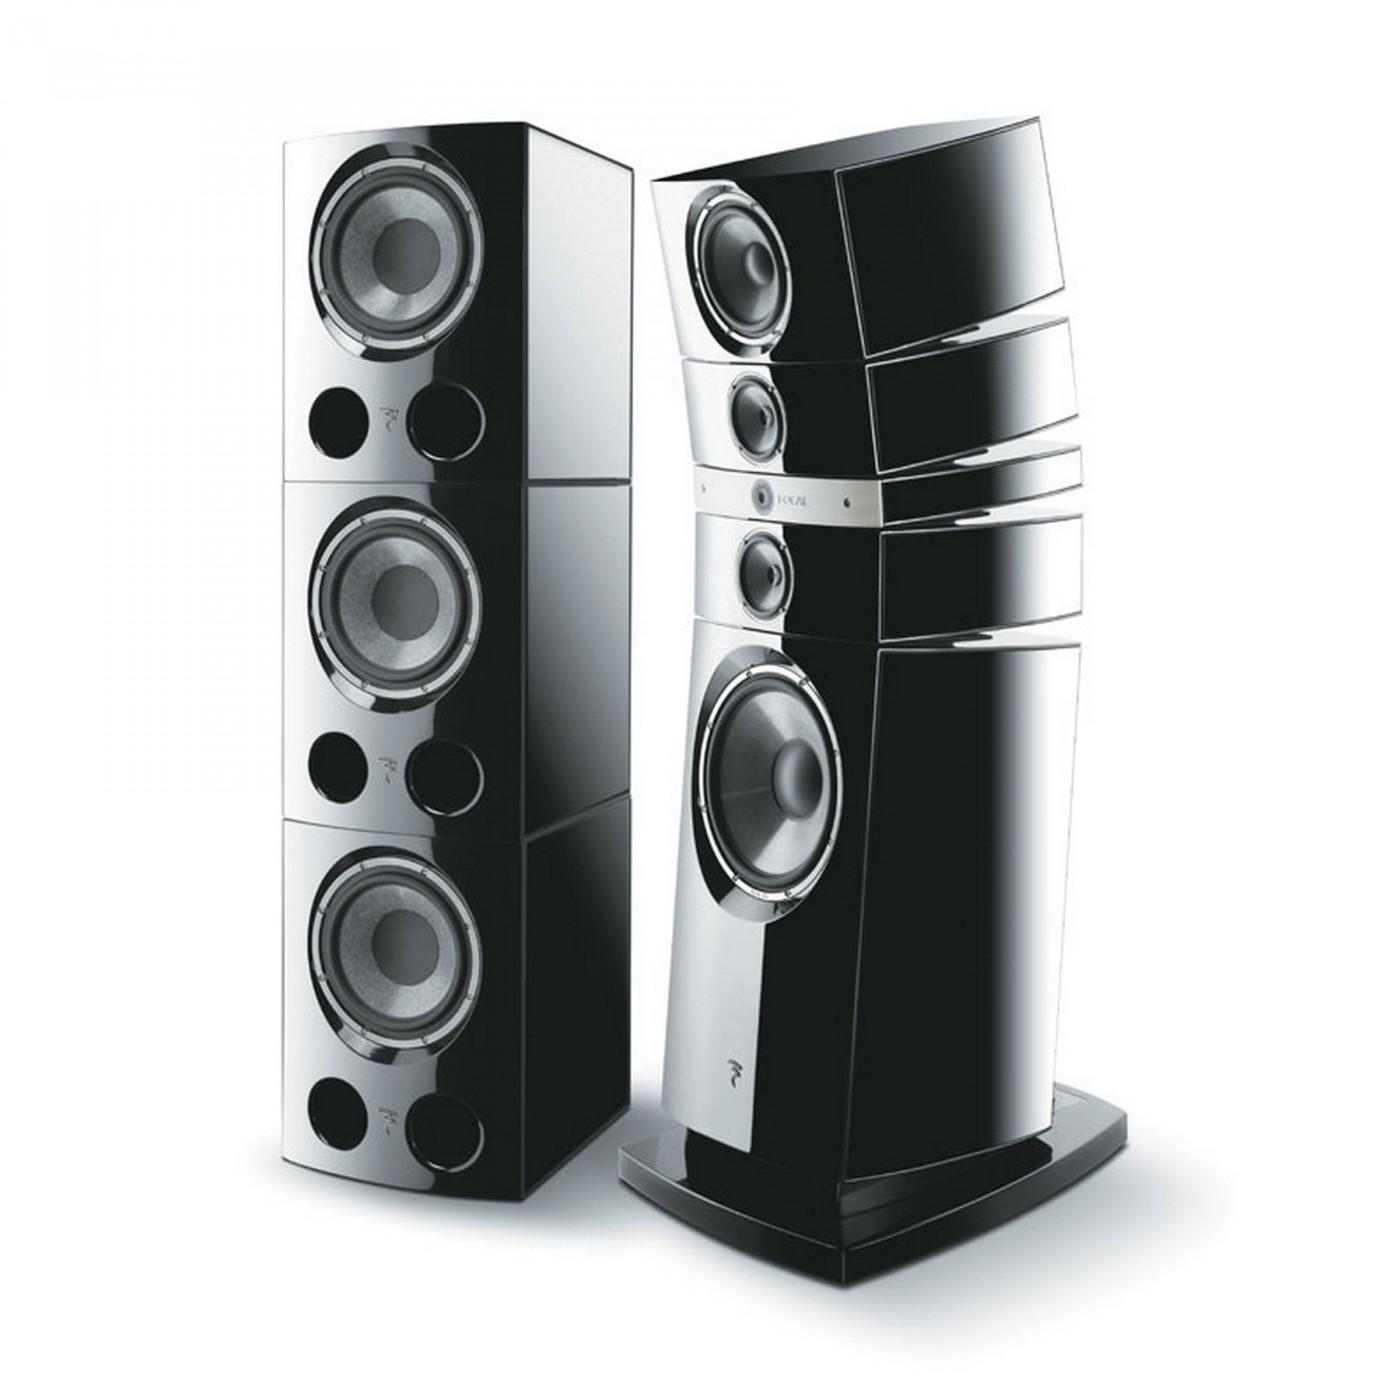 Focal Grande Utopia EM –Europe's best reference loudspeaker system.